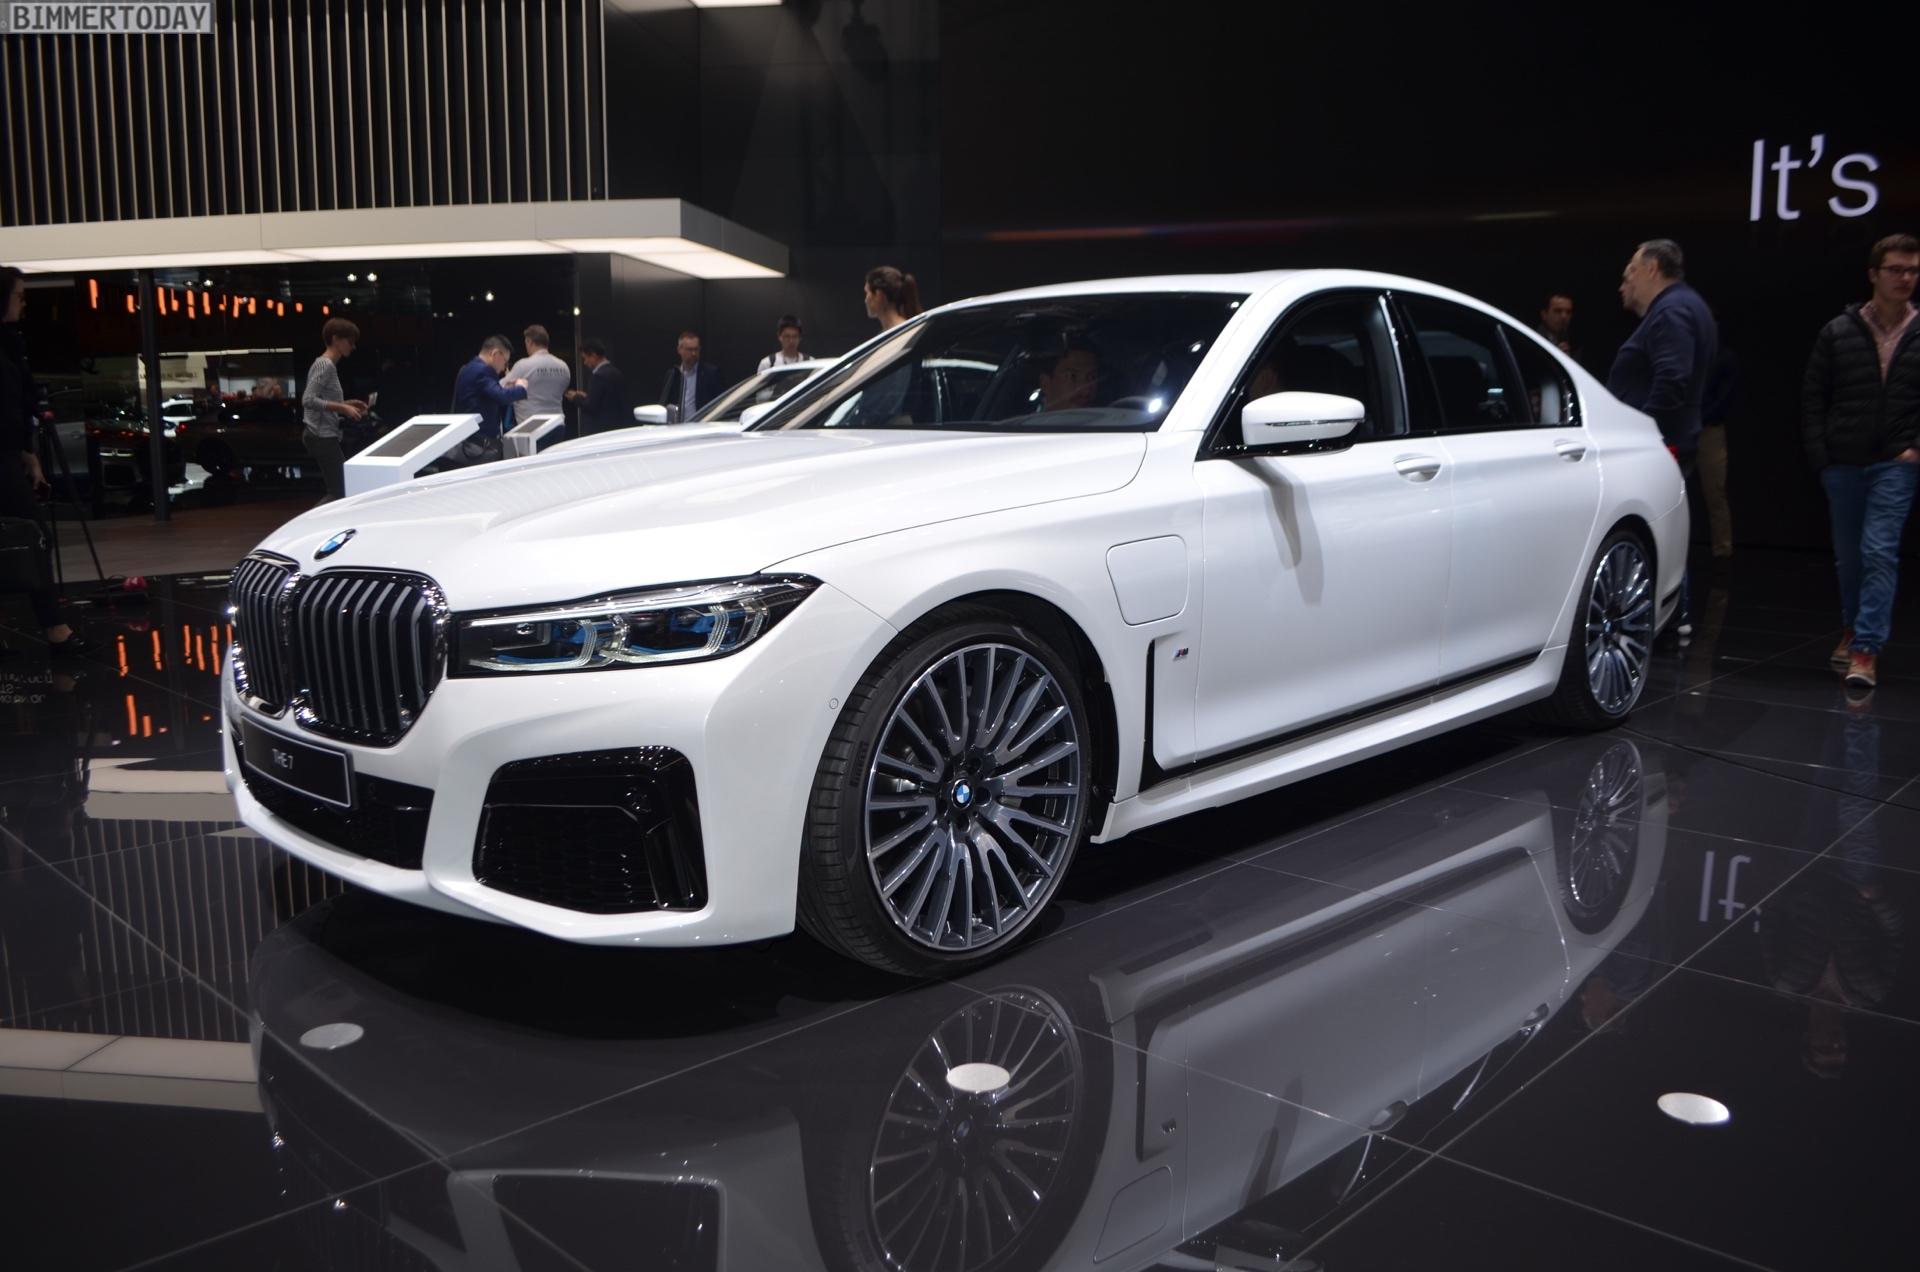 Bmw 7er facelift 2019